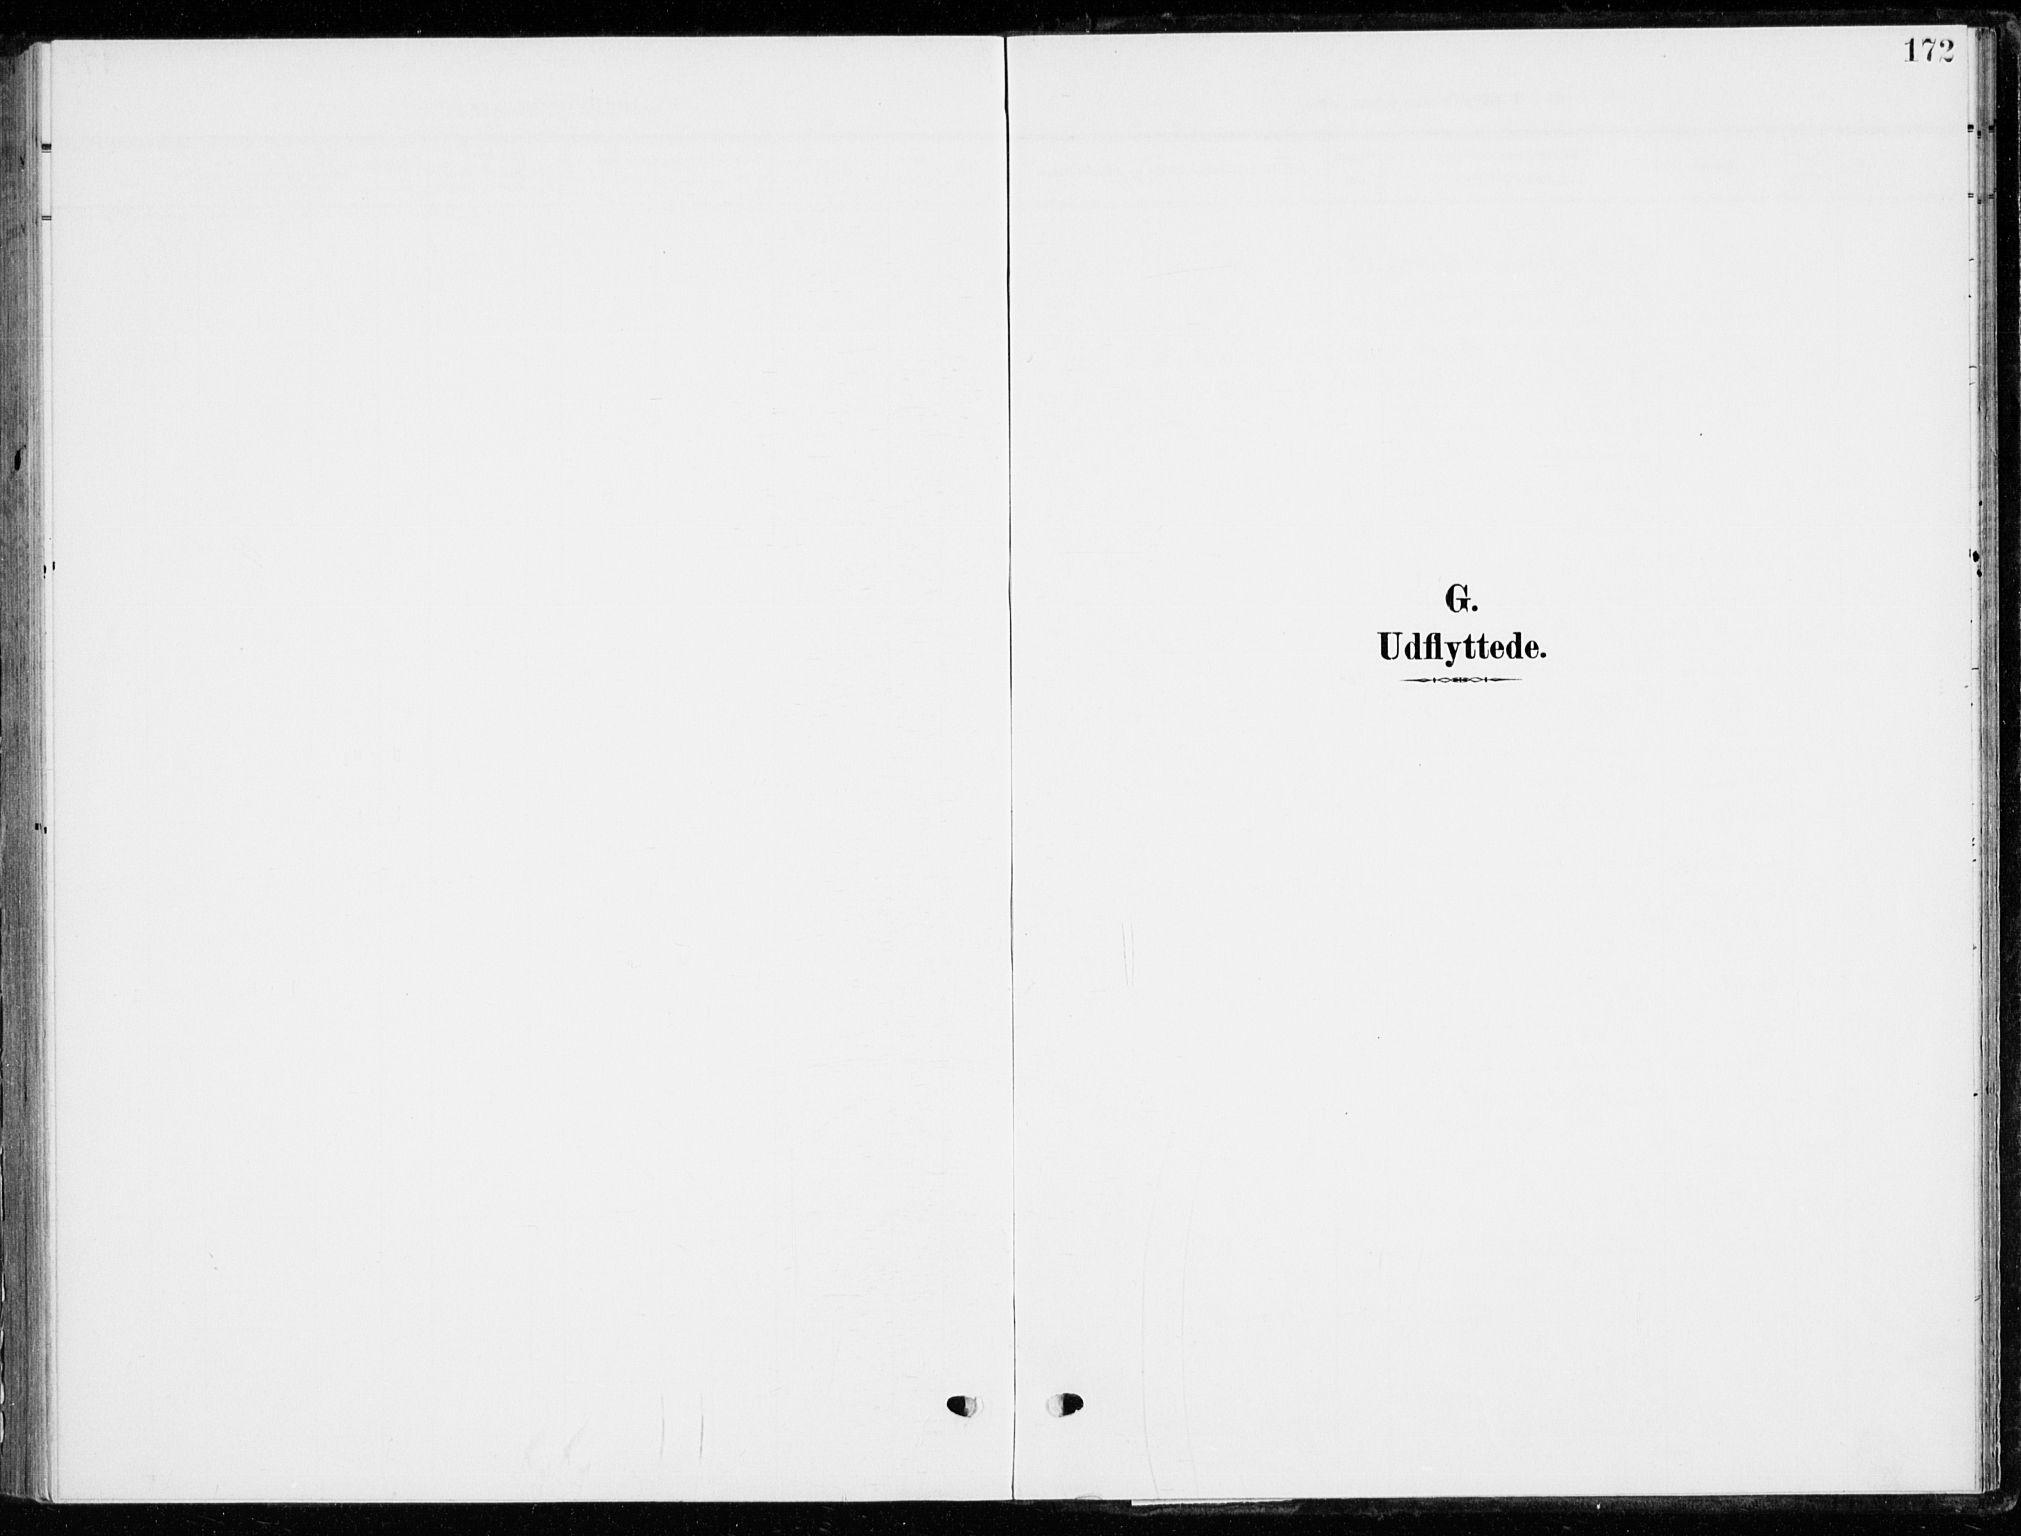 SAH, Ringsaker prestekontor, K/Ka/L0021: Ministerialbok nr. 21, 1905-1920, s. 172